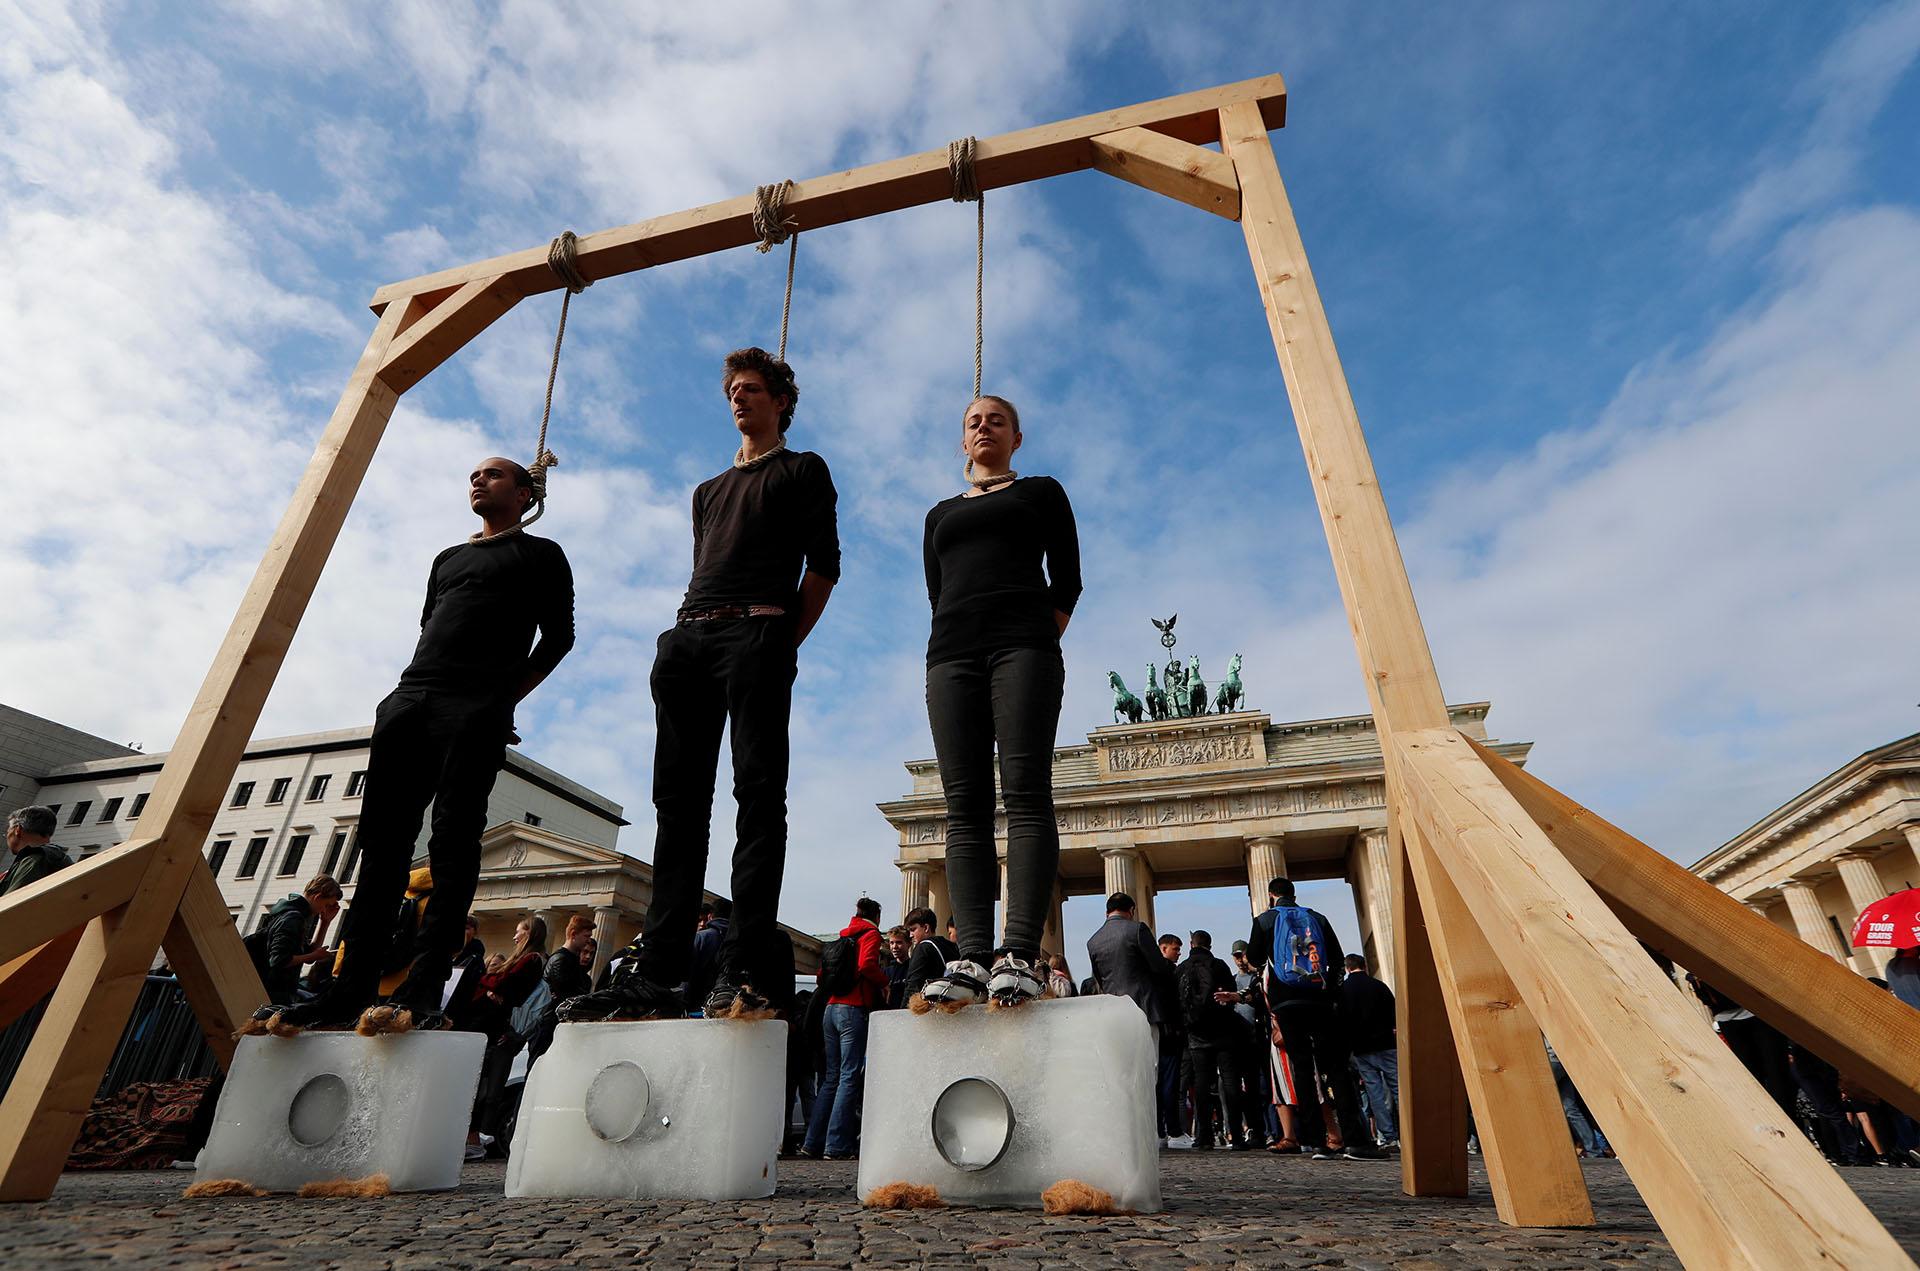 Activistas de pie sobre bloques de hielo bajo una horca improvisada en el marco de la Huelga Climática Global en Berlín (REUTERS/Fabrizio Bensch)